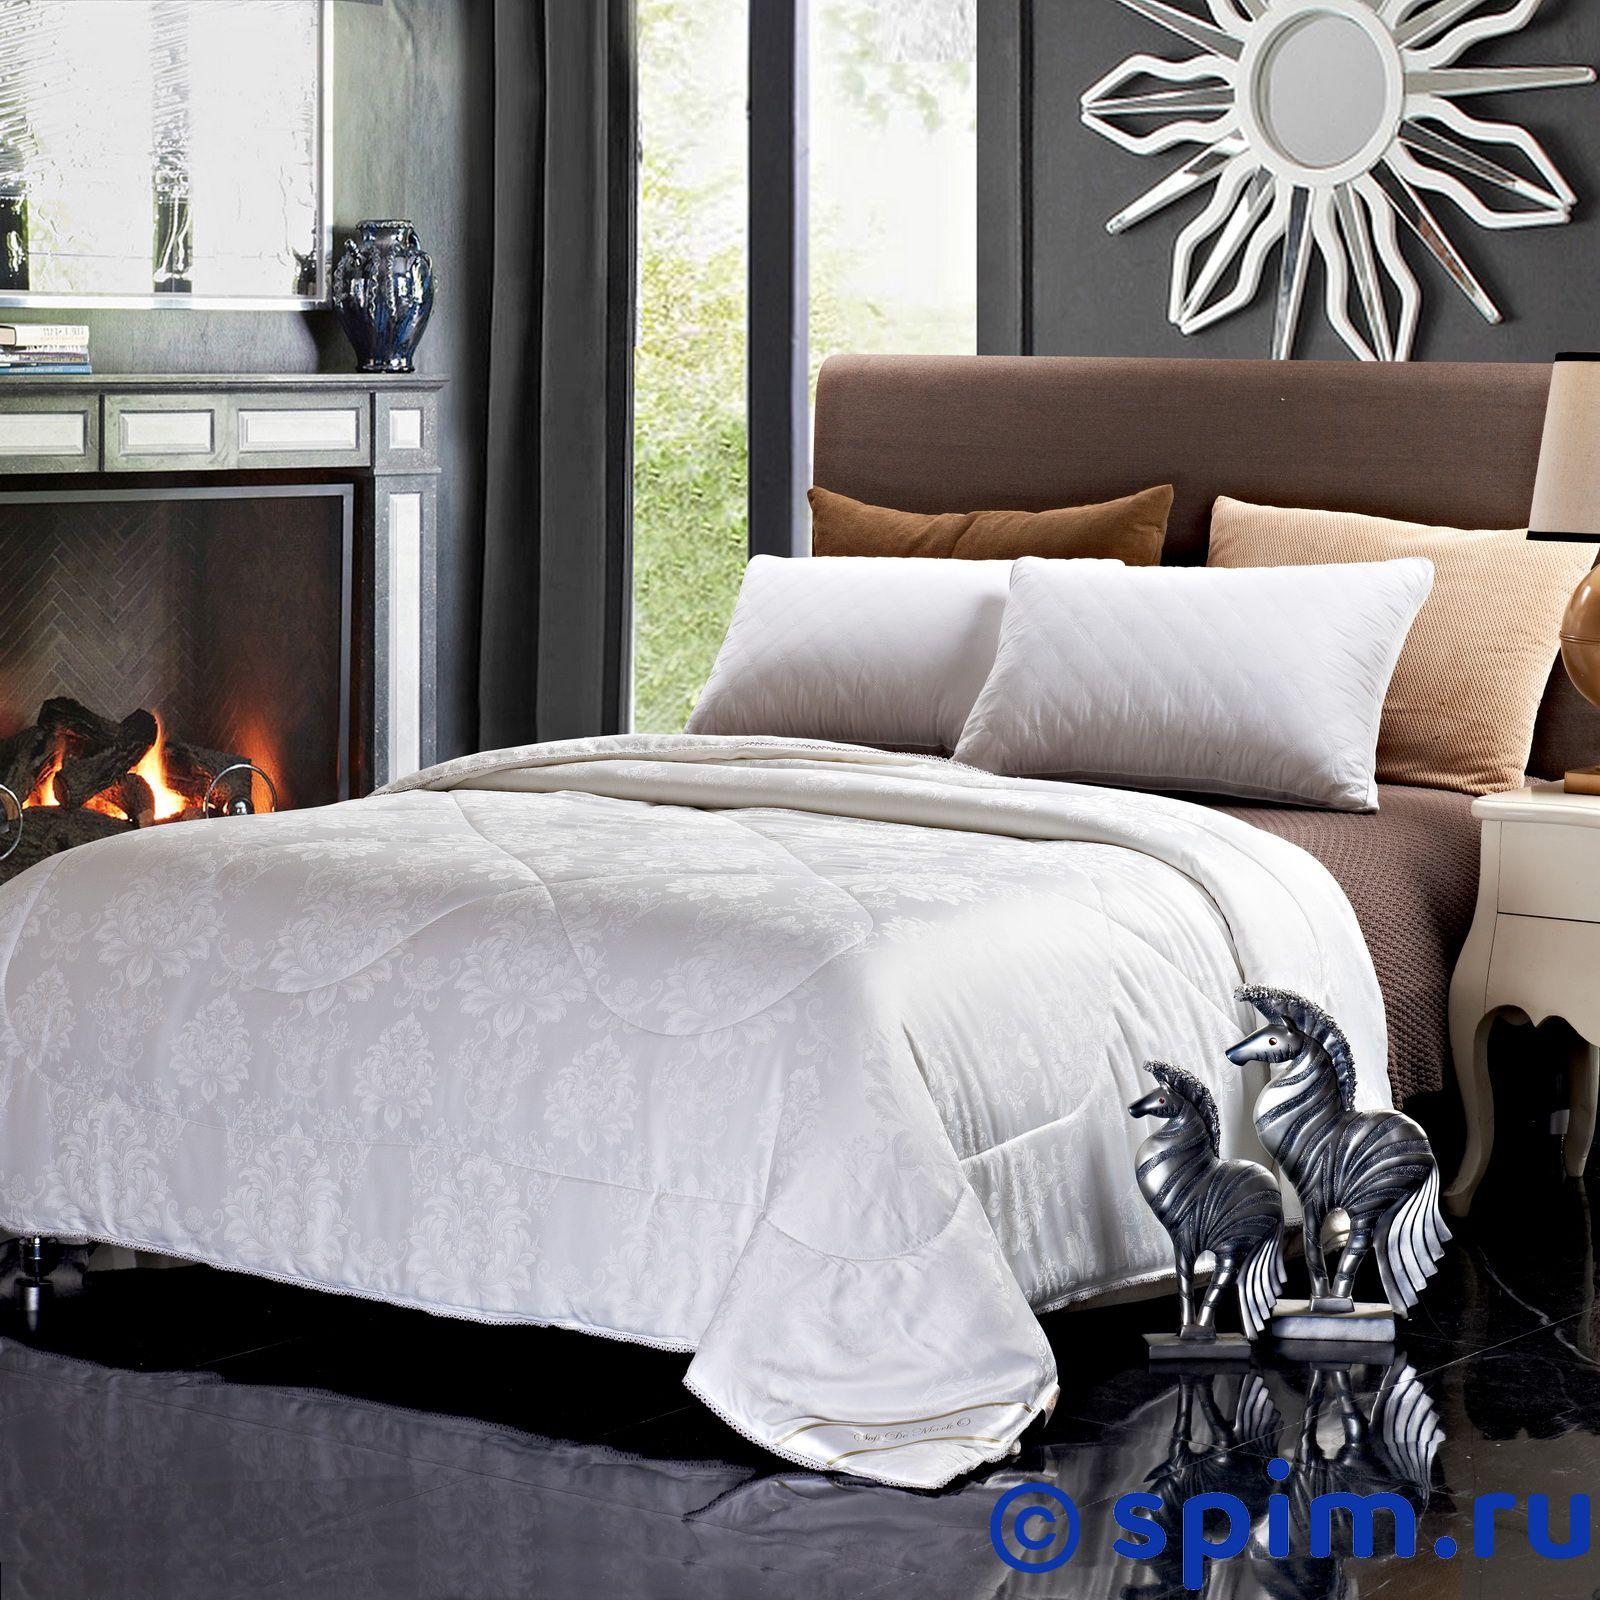 Одеяло Sofi De Marko Аэлита, молоко 195х215 см одеяла penelope одеяло wooly 195х215 см